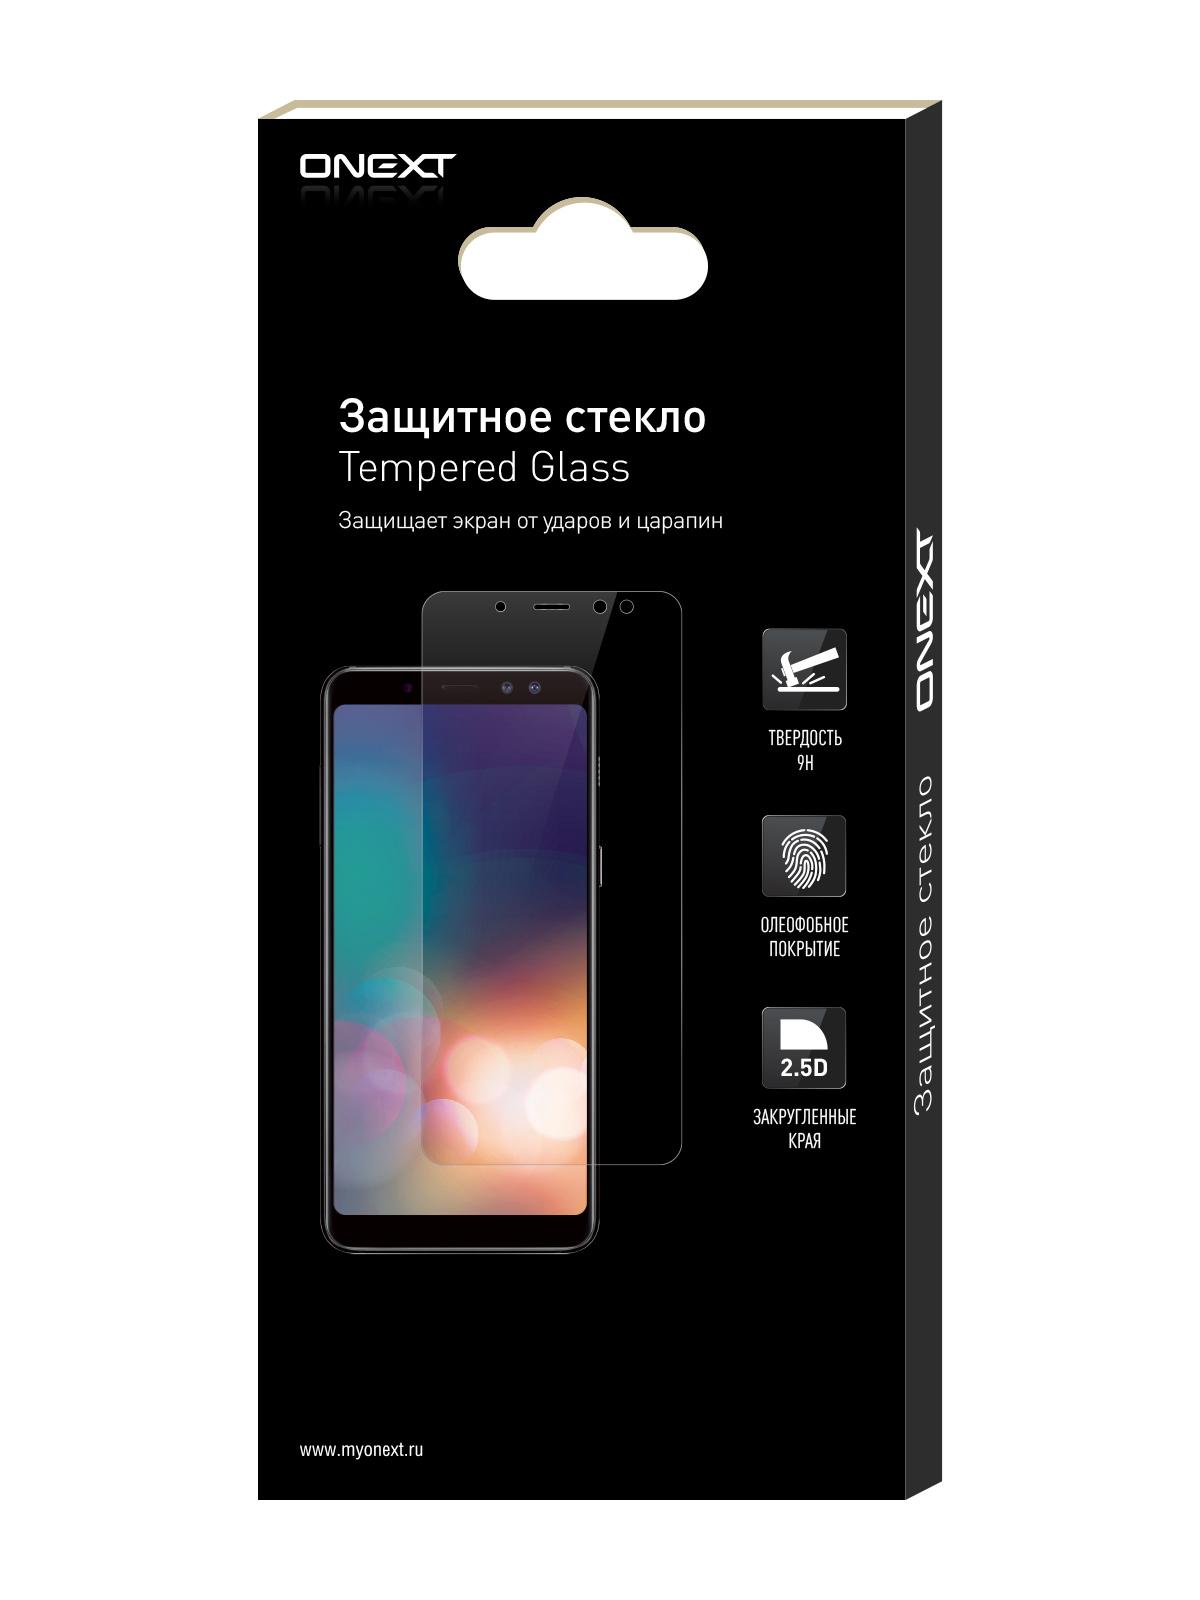 Защитное стекло ONEXT HTC One mini 2 аксессуар защитное стекло htc one x9 onext 41157